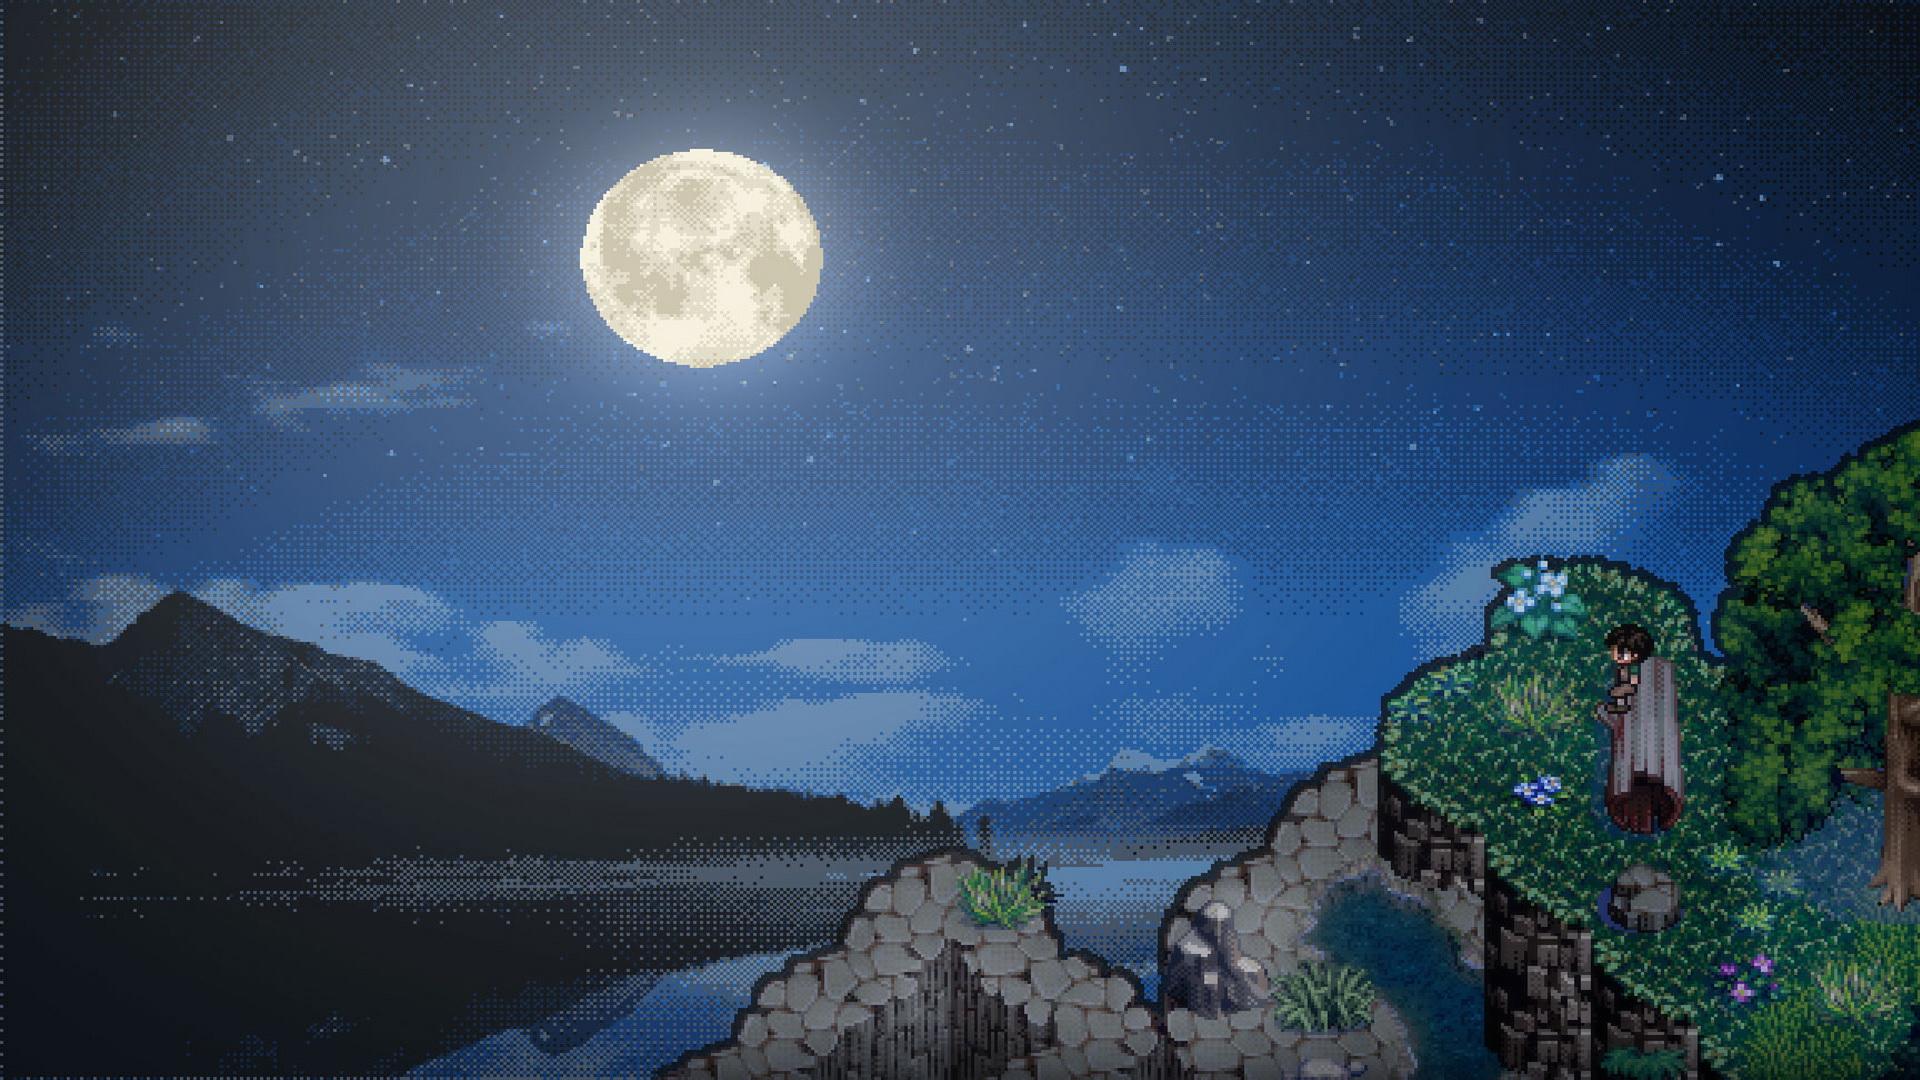 moon base wallpaper - photo #20